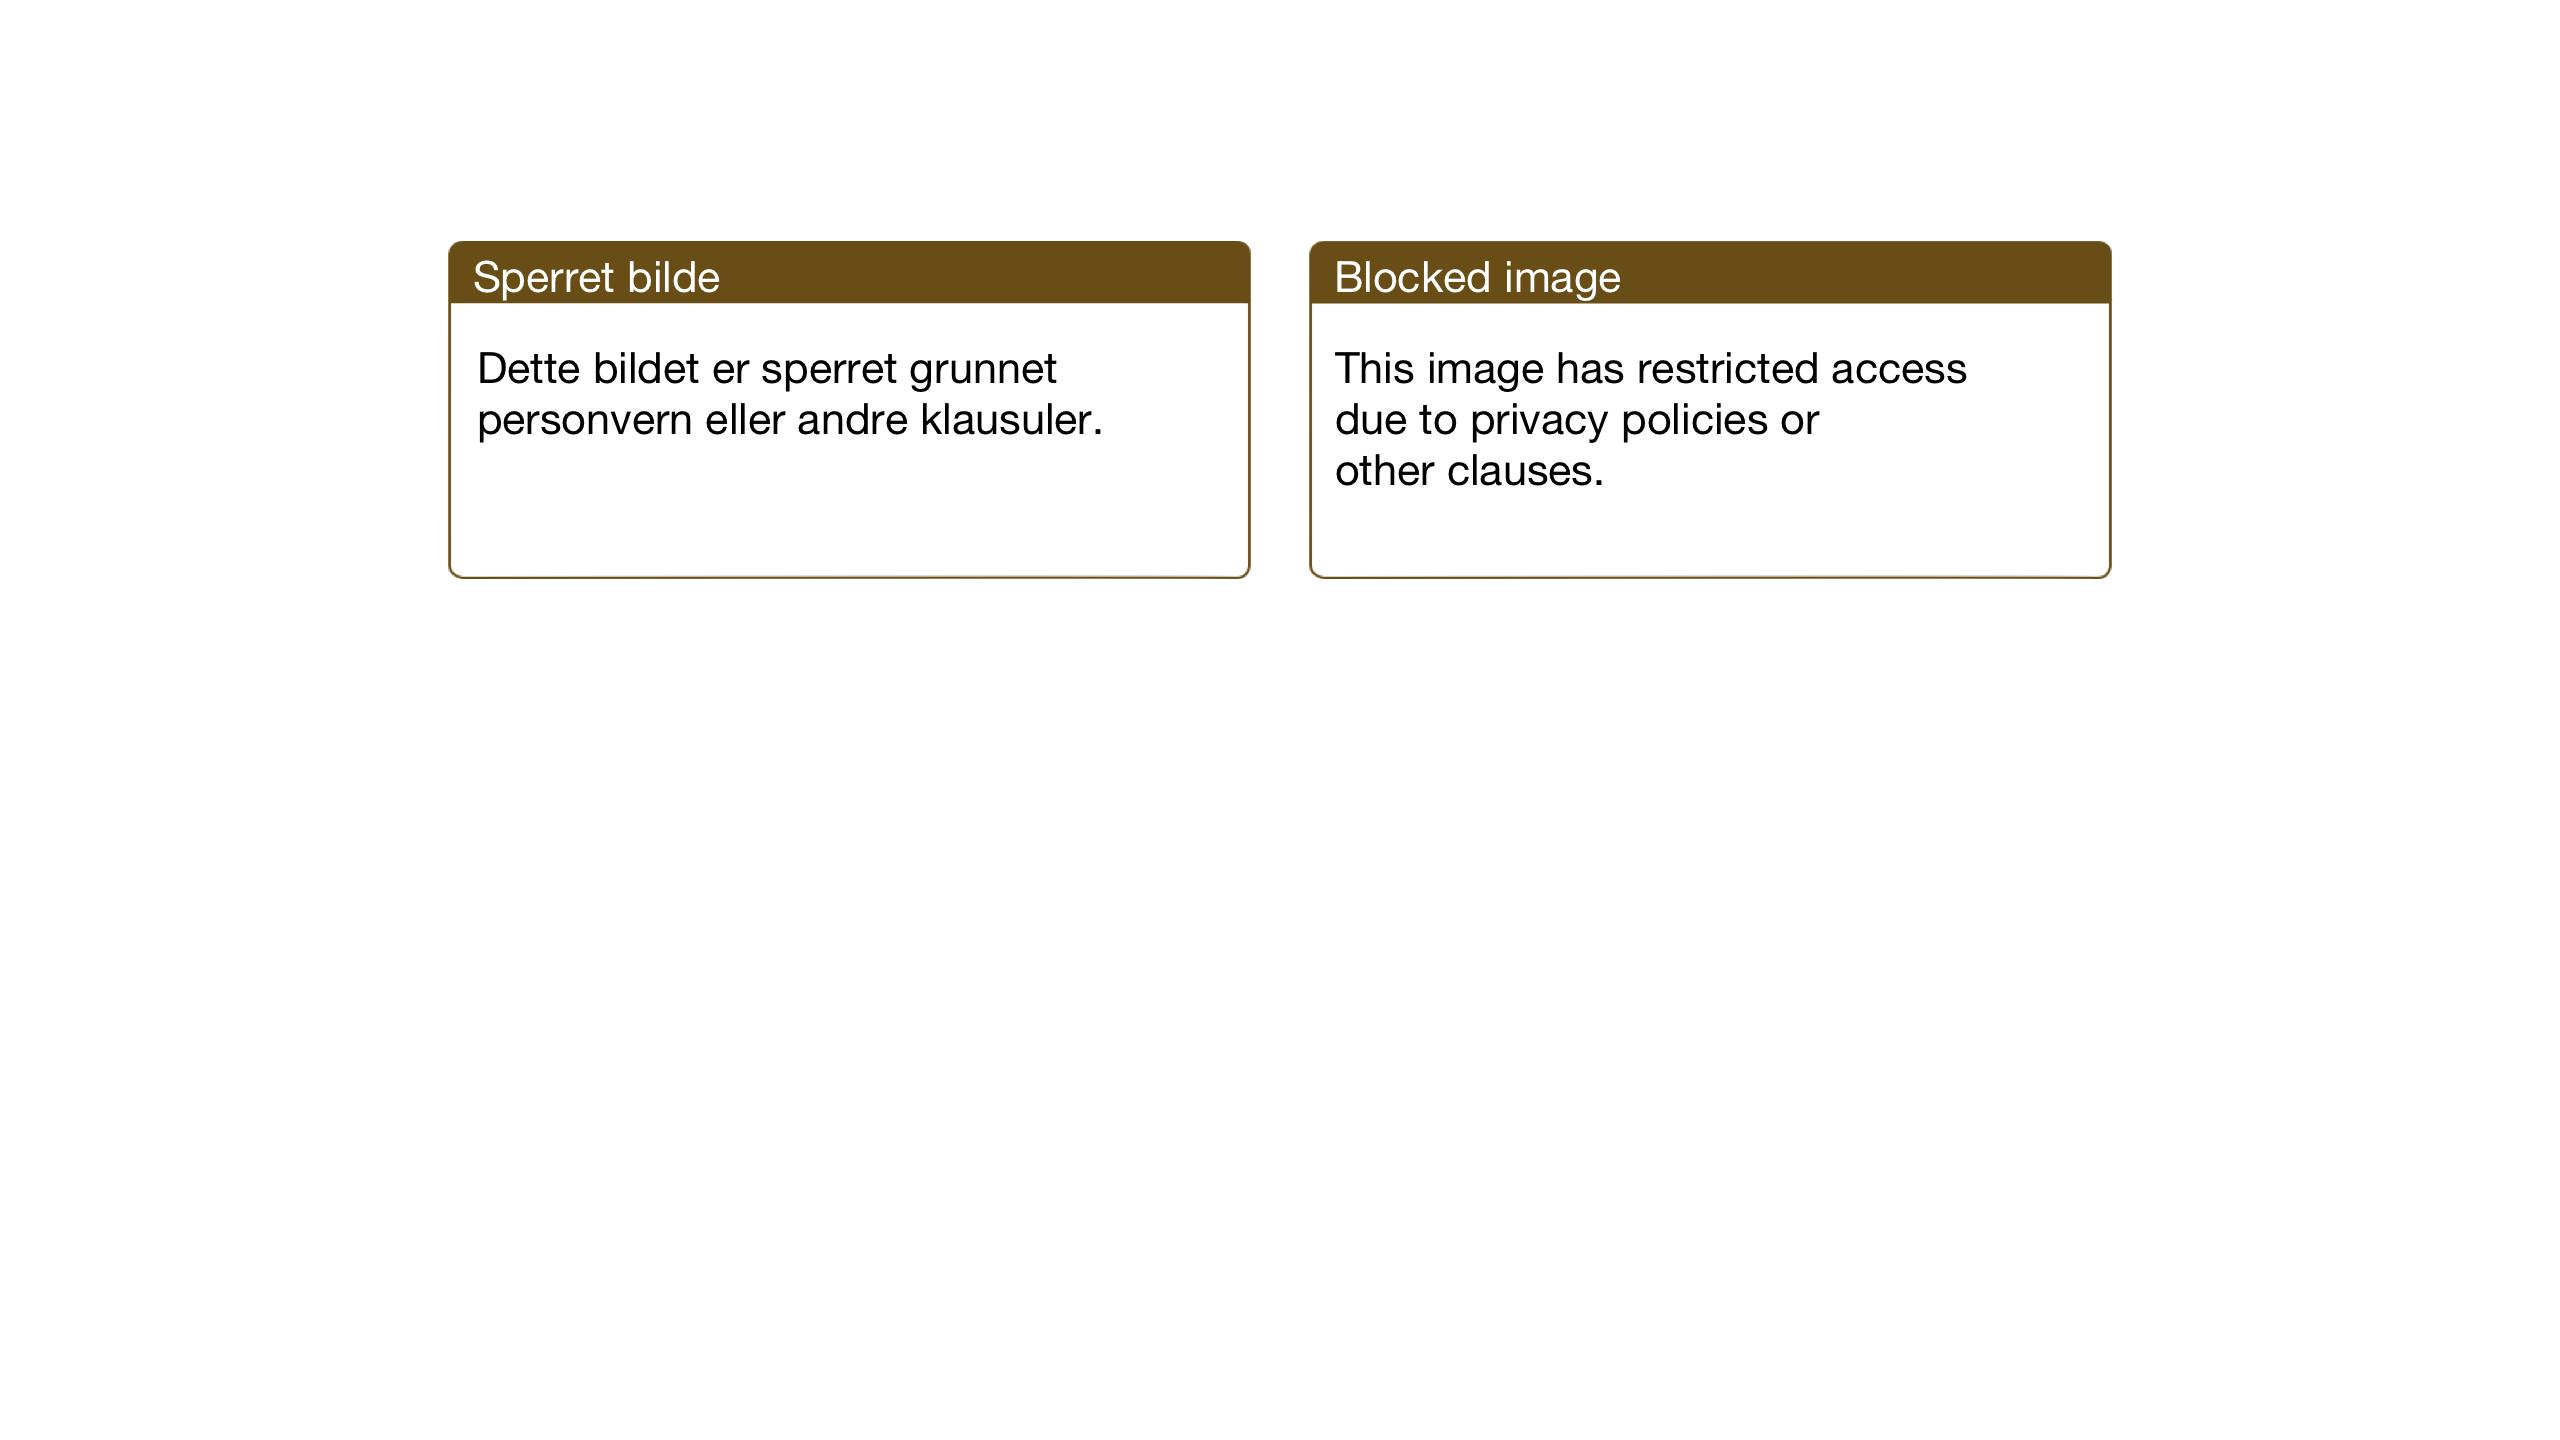 SAT, Ministerialprotokoller, klokkerbøker og fødselsregistre - Nord-Trøndelag, 757/L0507: Klokkerbok nr. 757C02, 1923-1939, s. 52